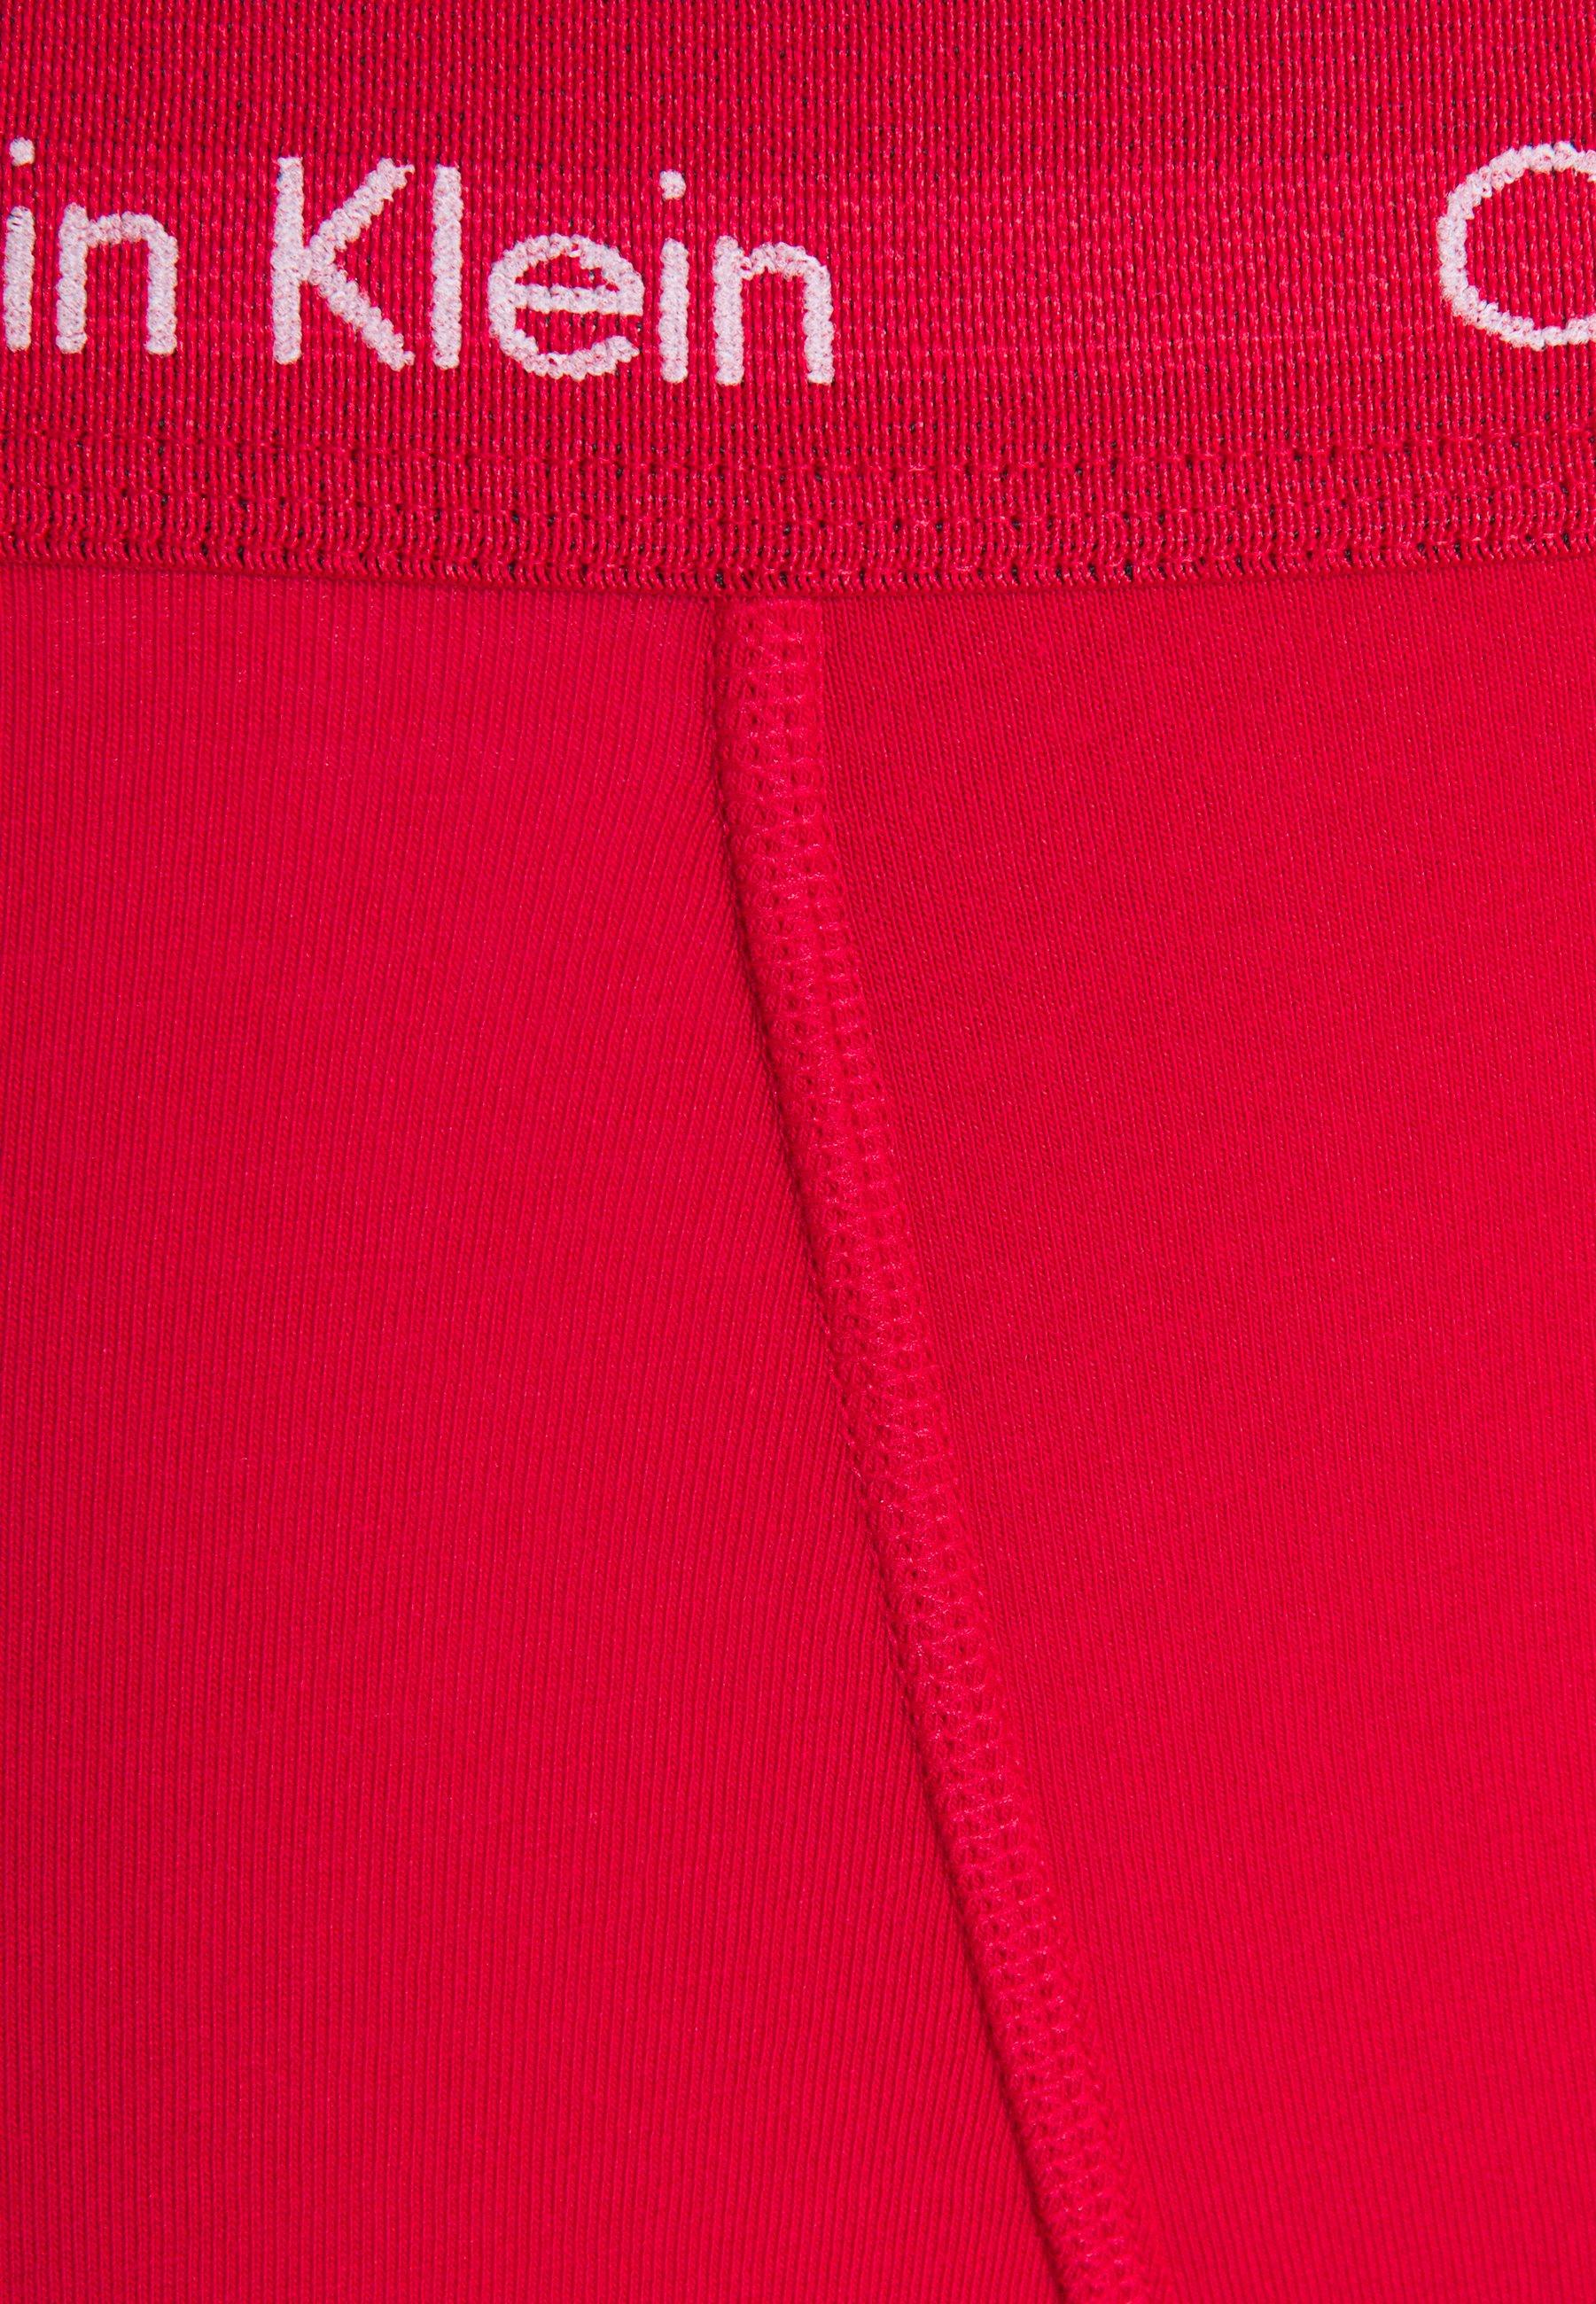 Cheap Best Price Men's Clothing Calvin Klein Underwear TRUNK 3 PACK Pants black/void/red alert M53I8GFNn i9uVM2Kxc